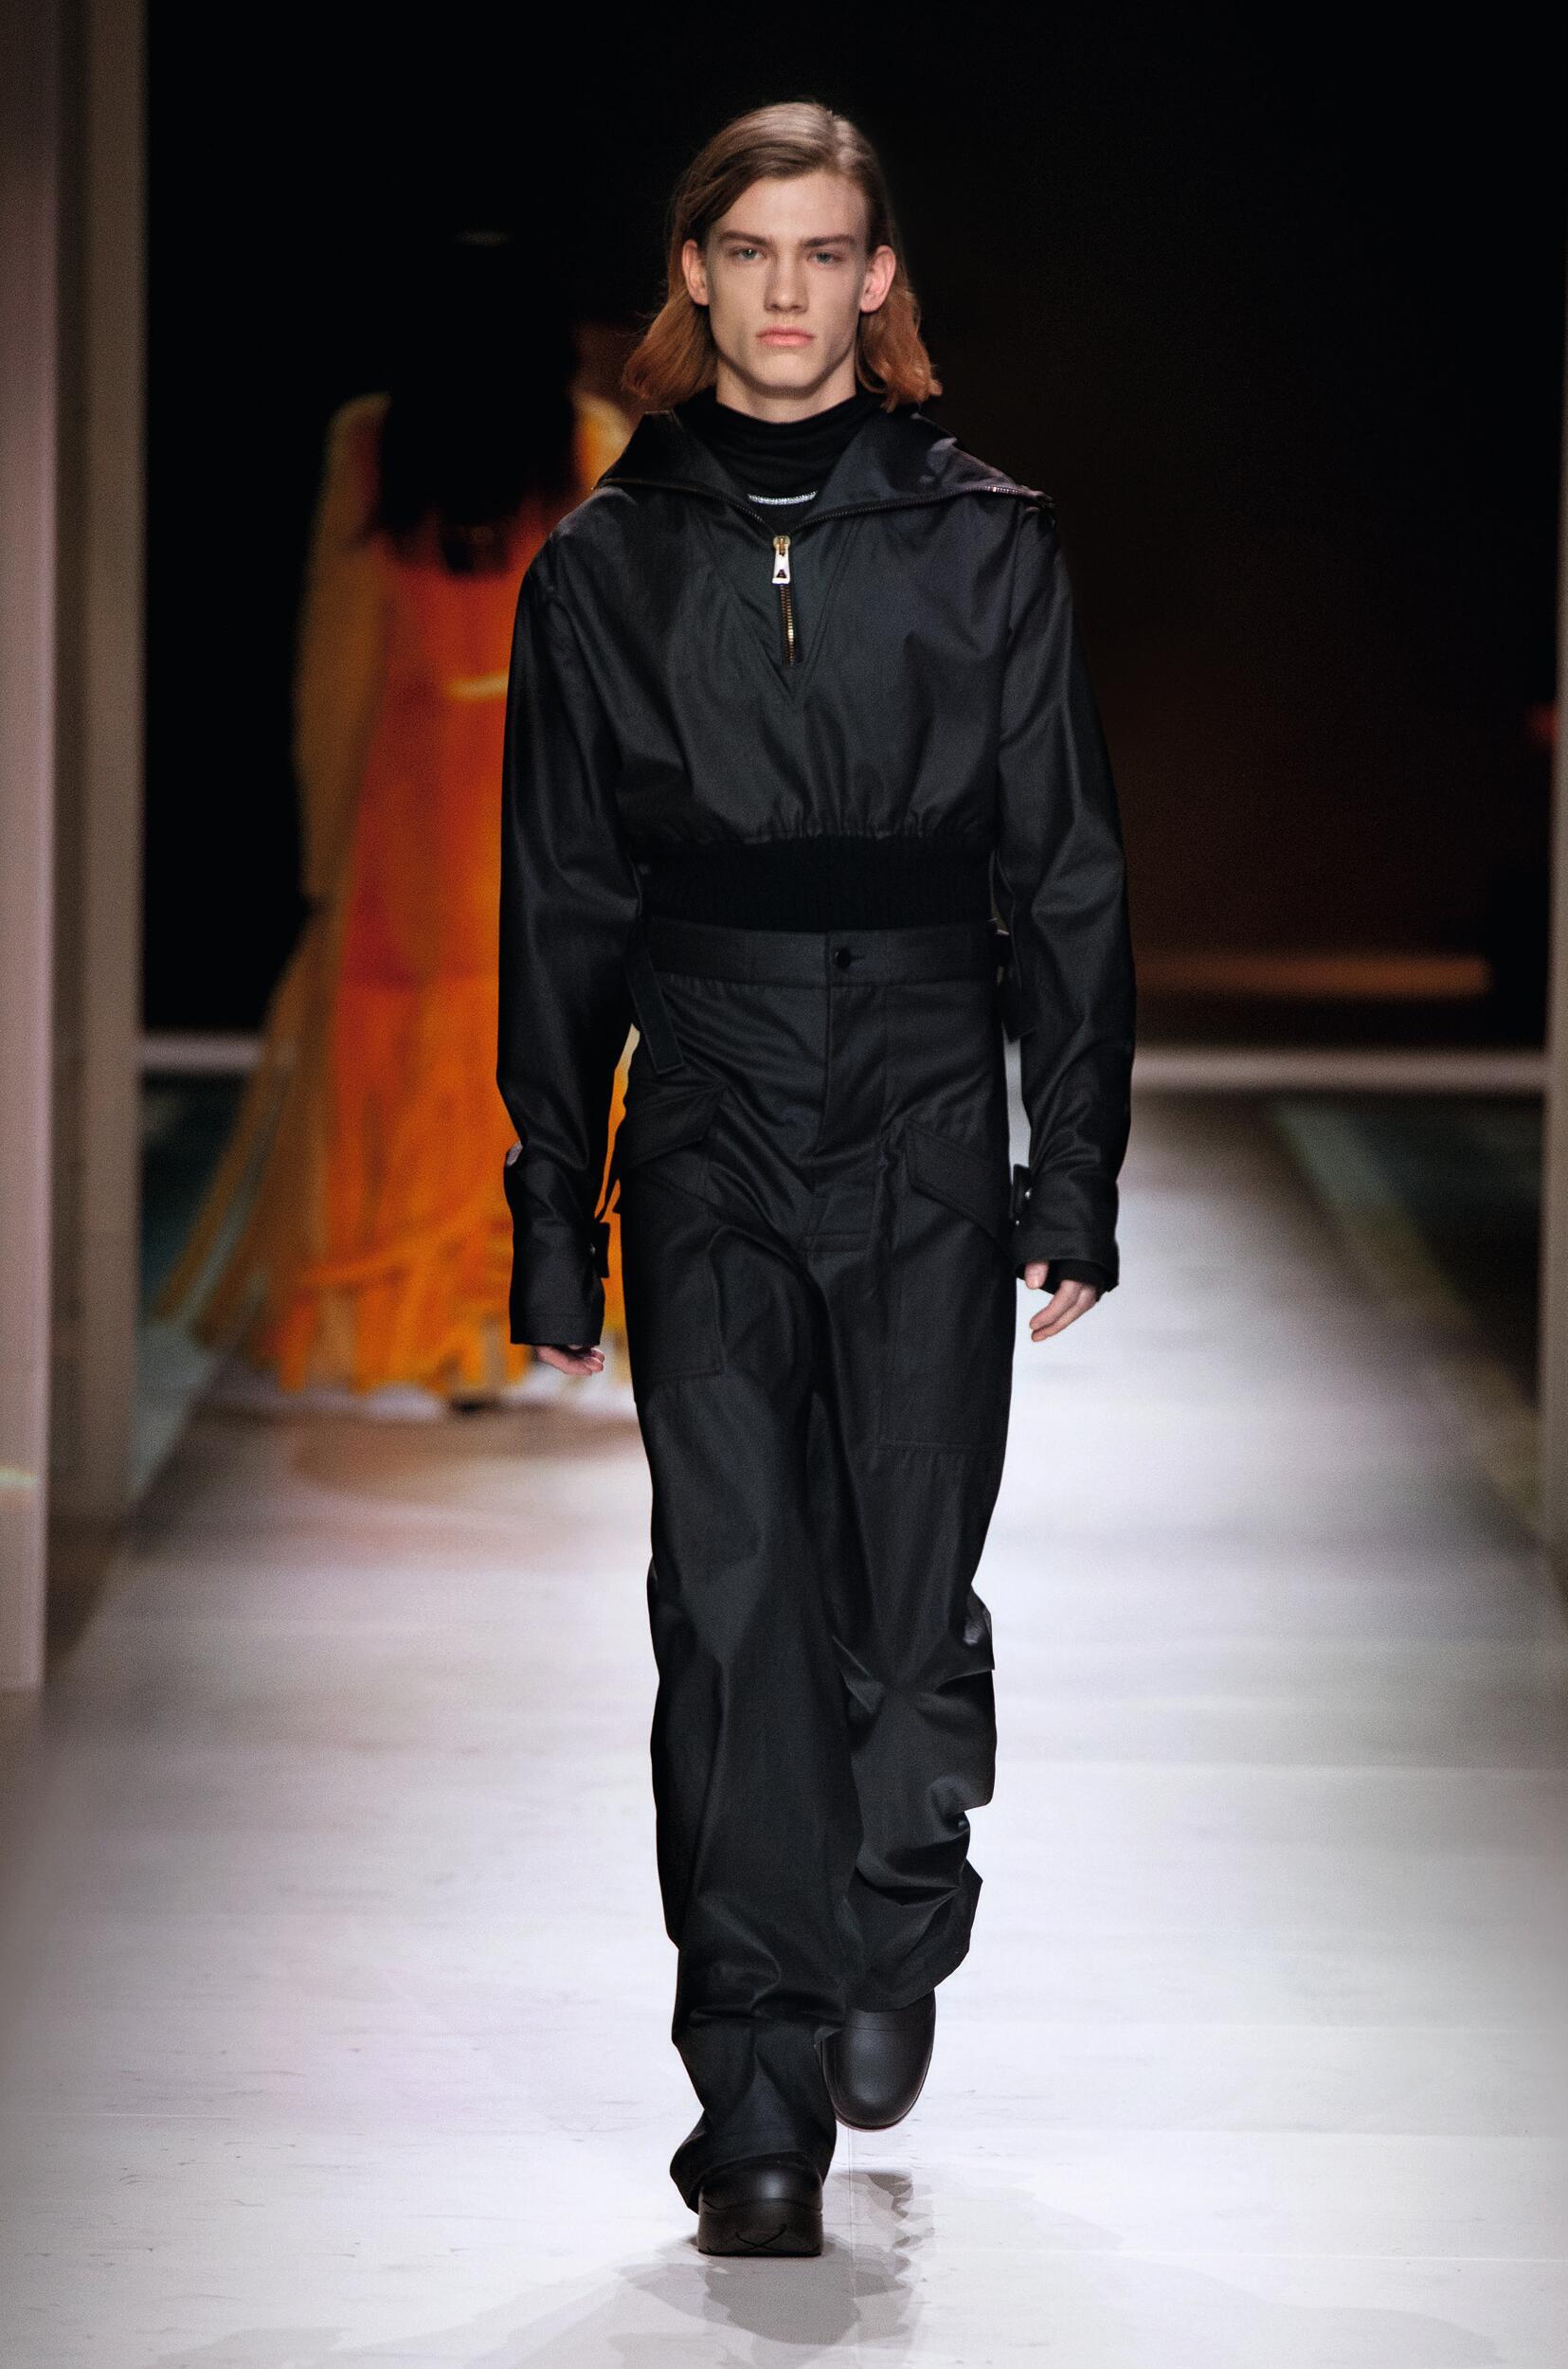 FW 2020-21 Bottega Veneta Fashion Show Milan Fashion Week